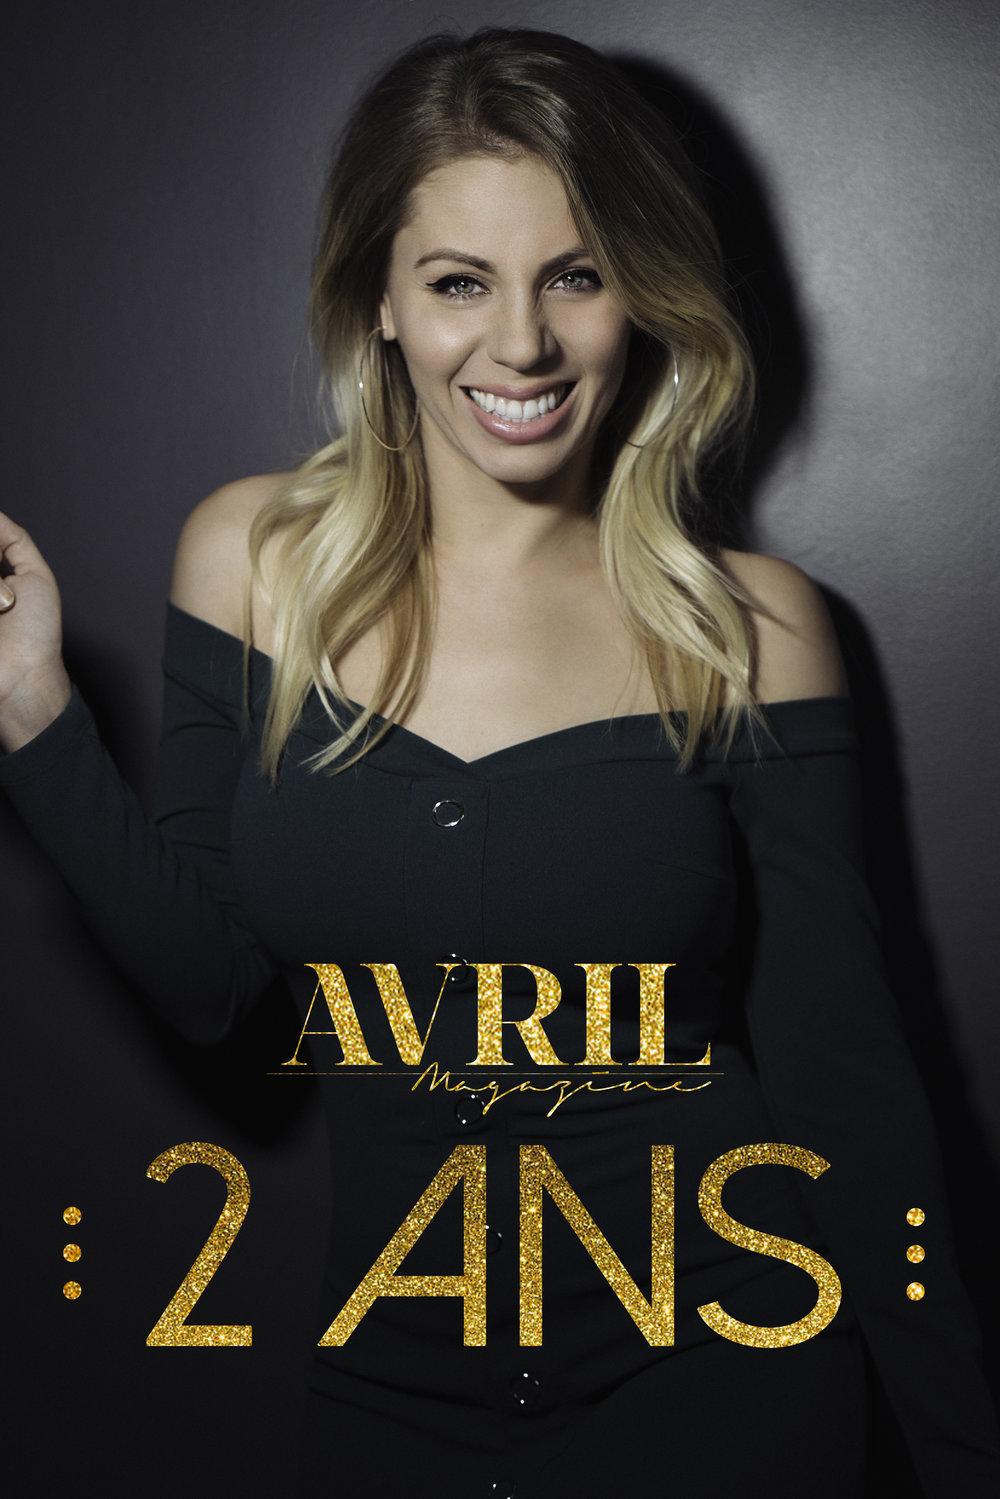 2_ans_AvrilMagazine_01-post.jpg